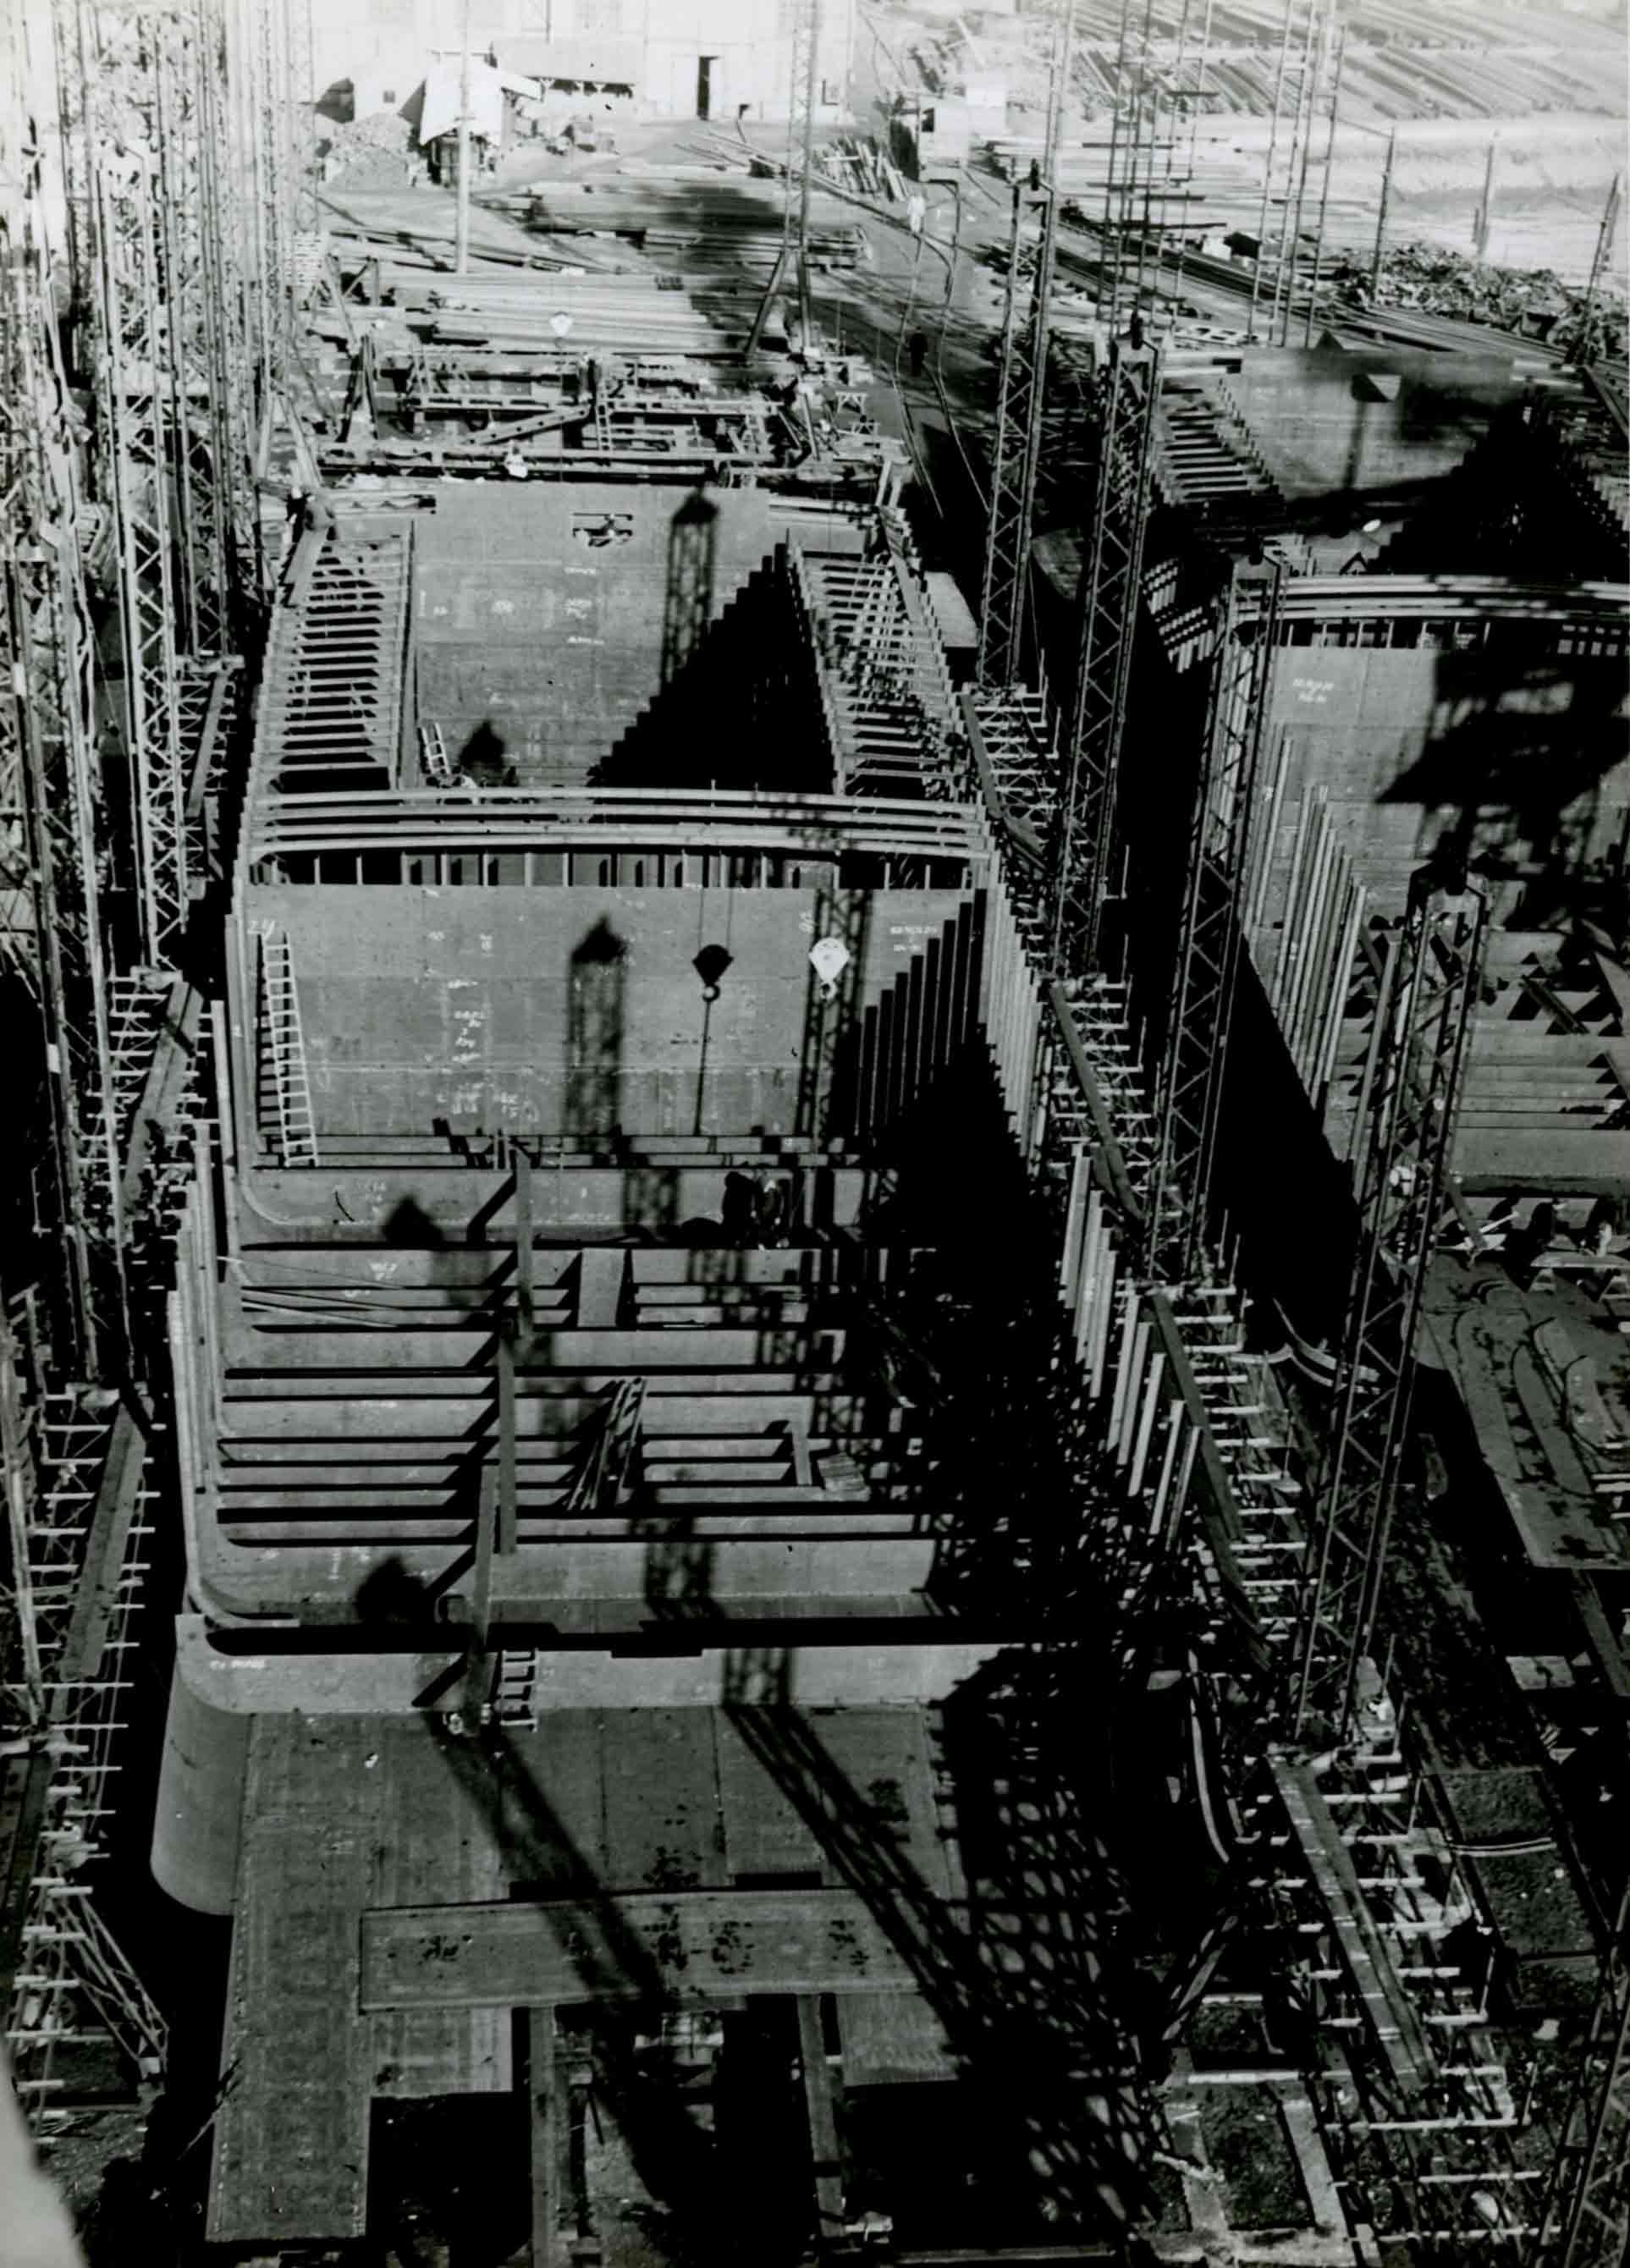 Bnr.n734: Amur (1938)